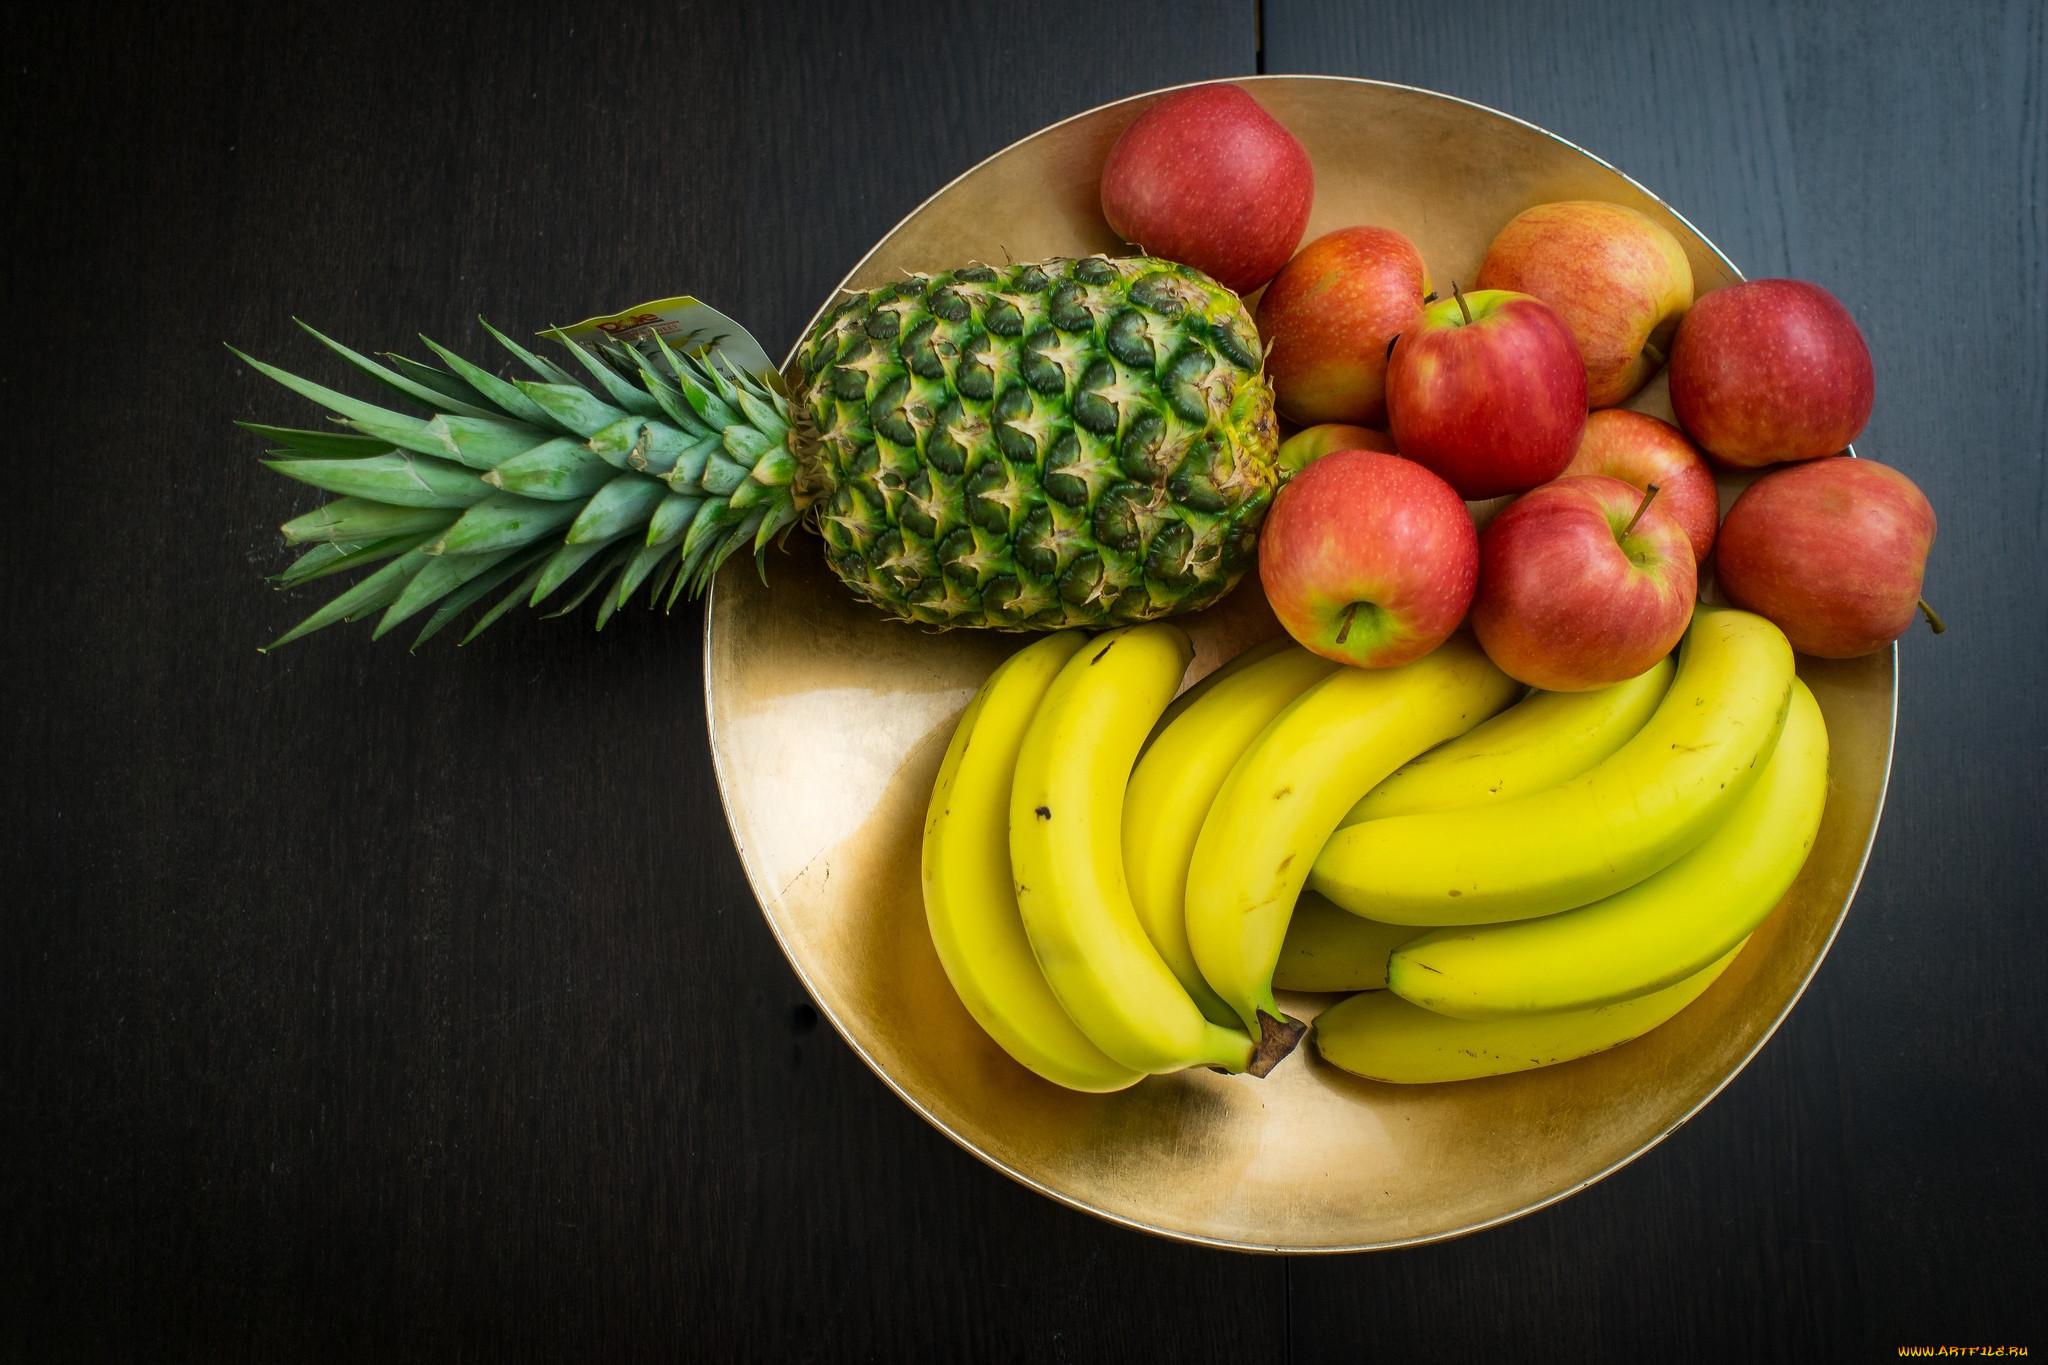 еда фрукты картинки там знаменитый творец